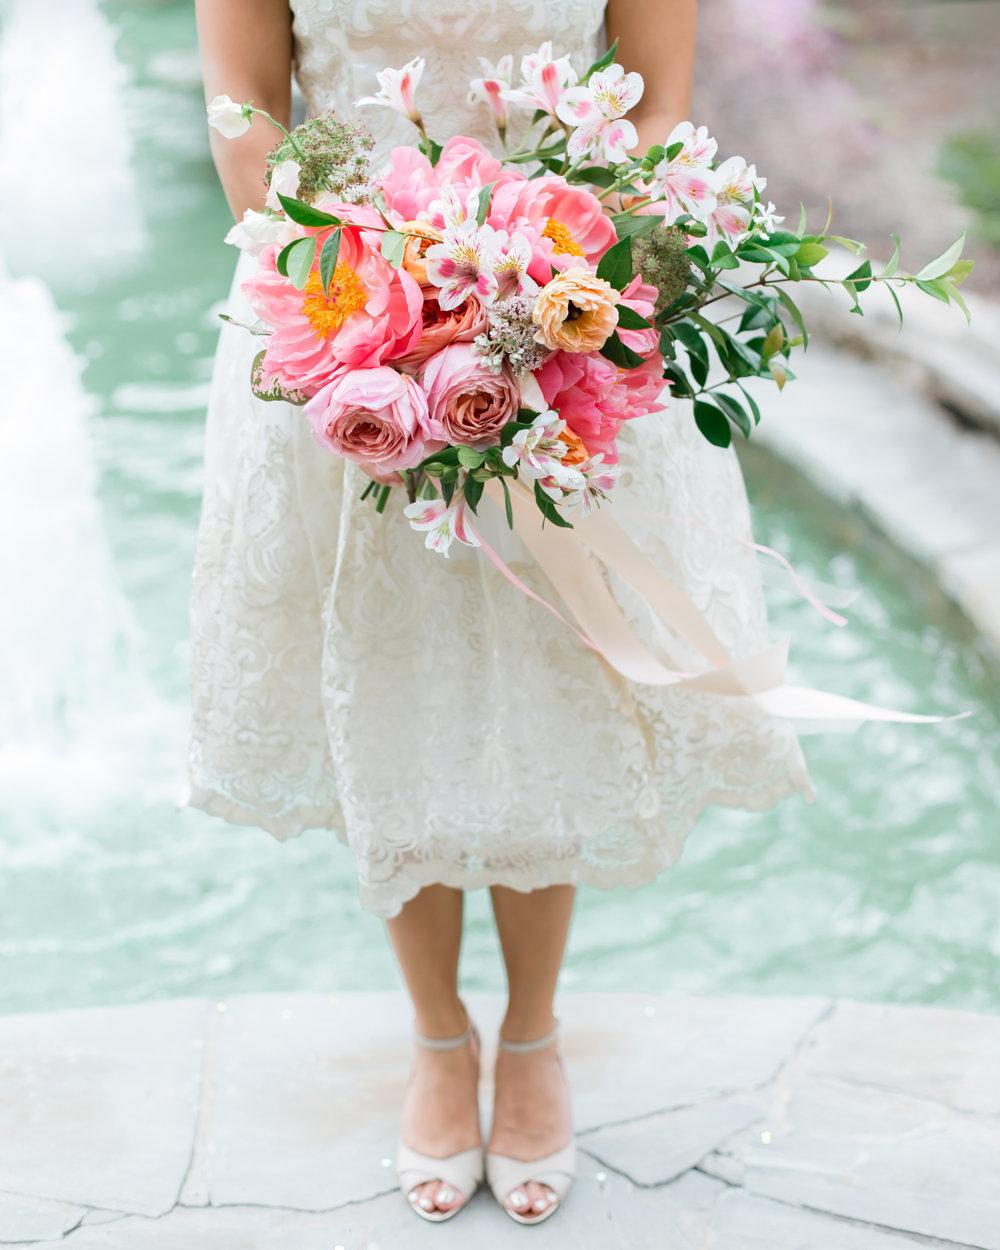 bridal bouquet - seasonal blooms, lush greenery, satin ribbon (upgrade to silk +$50)large: $250medium: $200